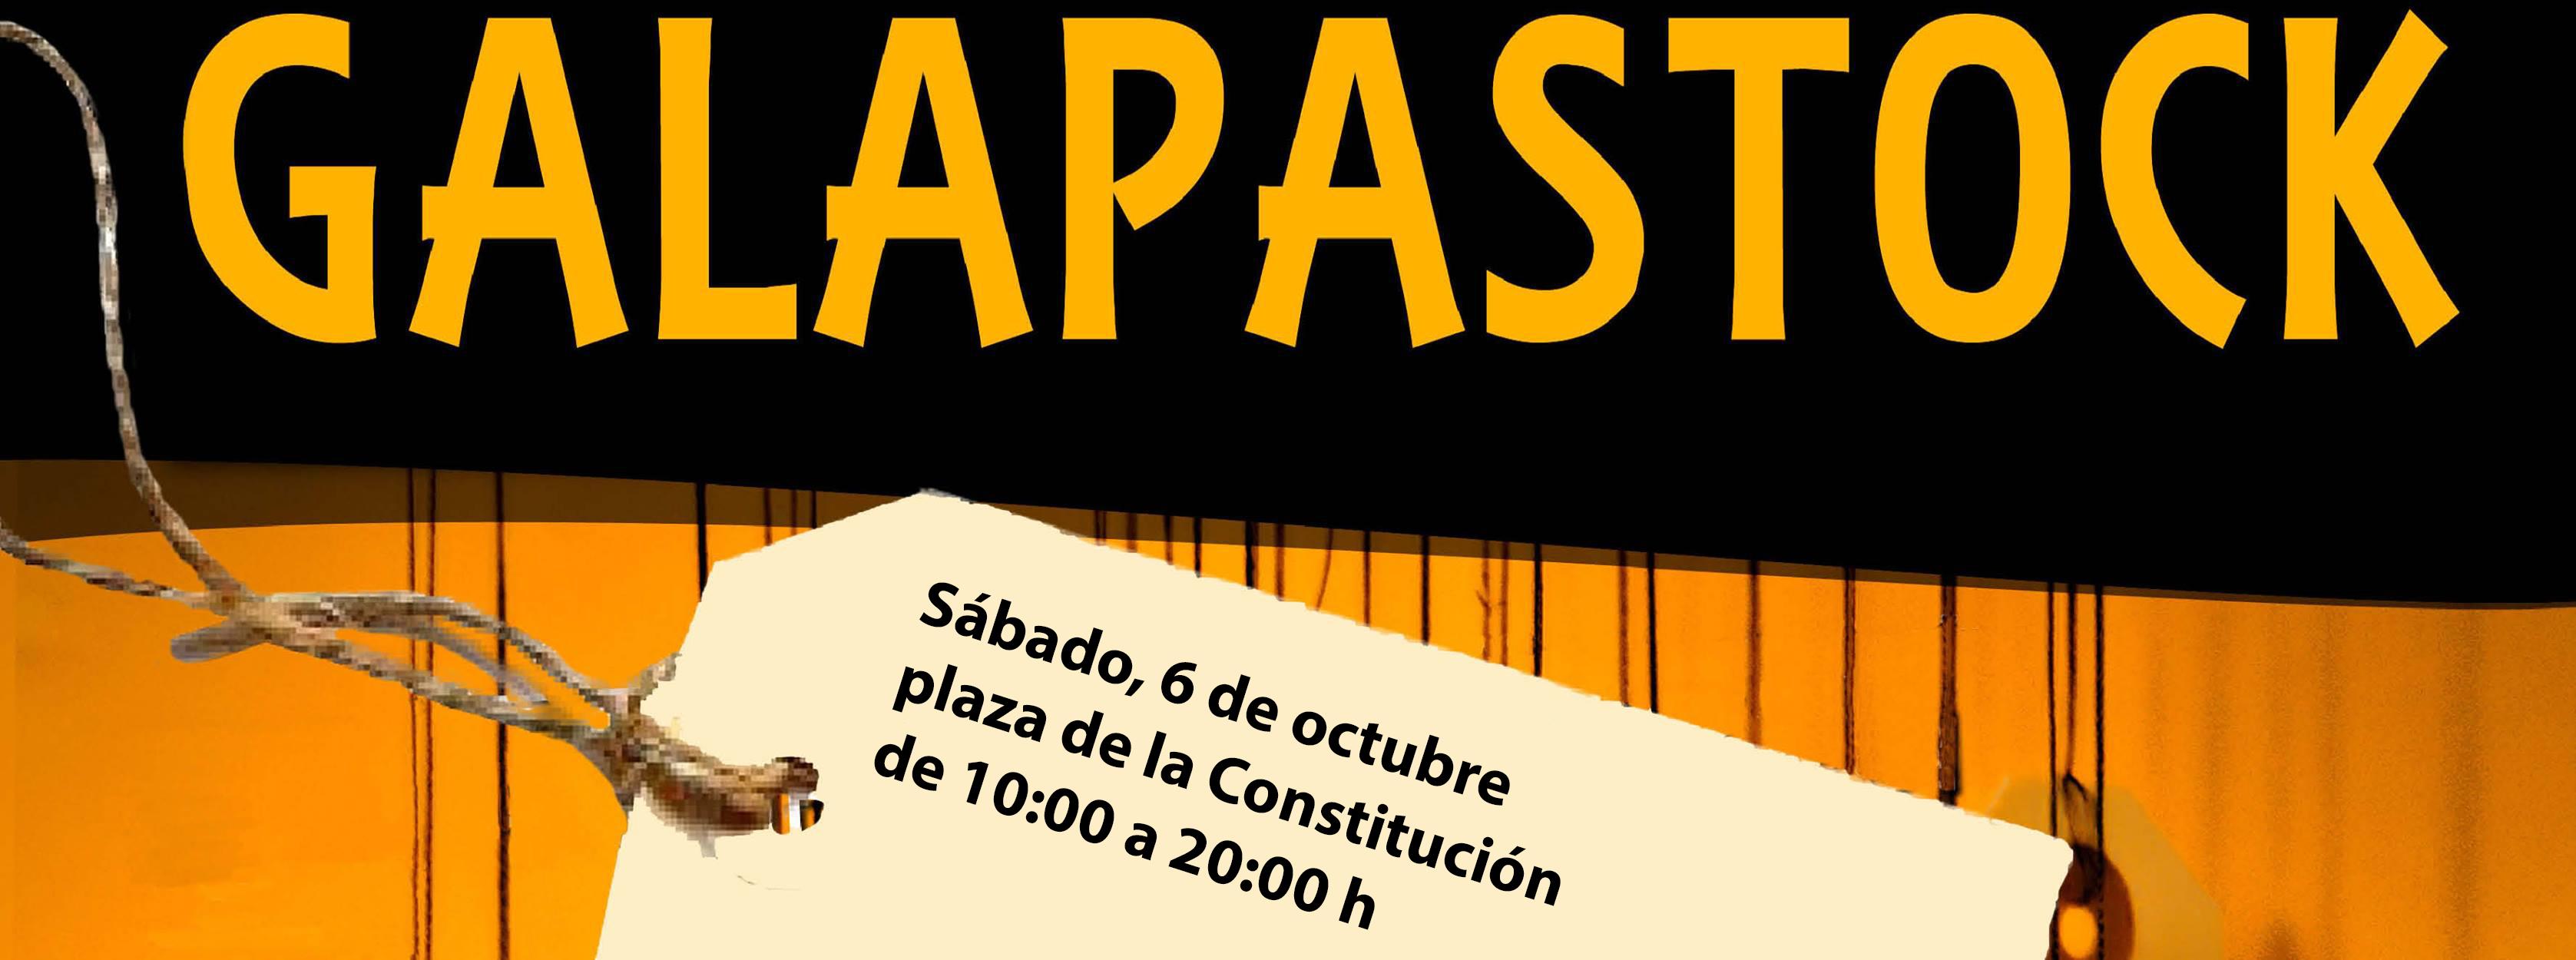 Galapastock 2018